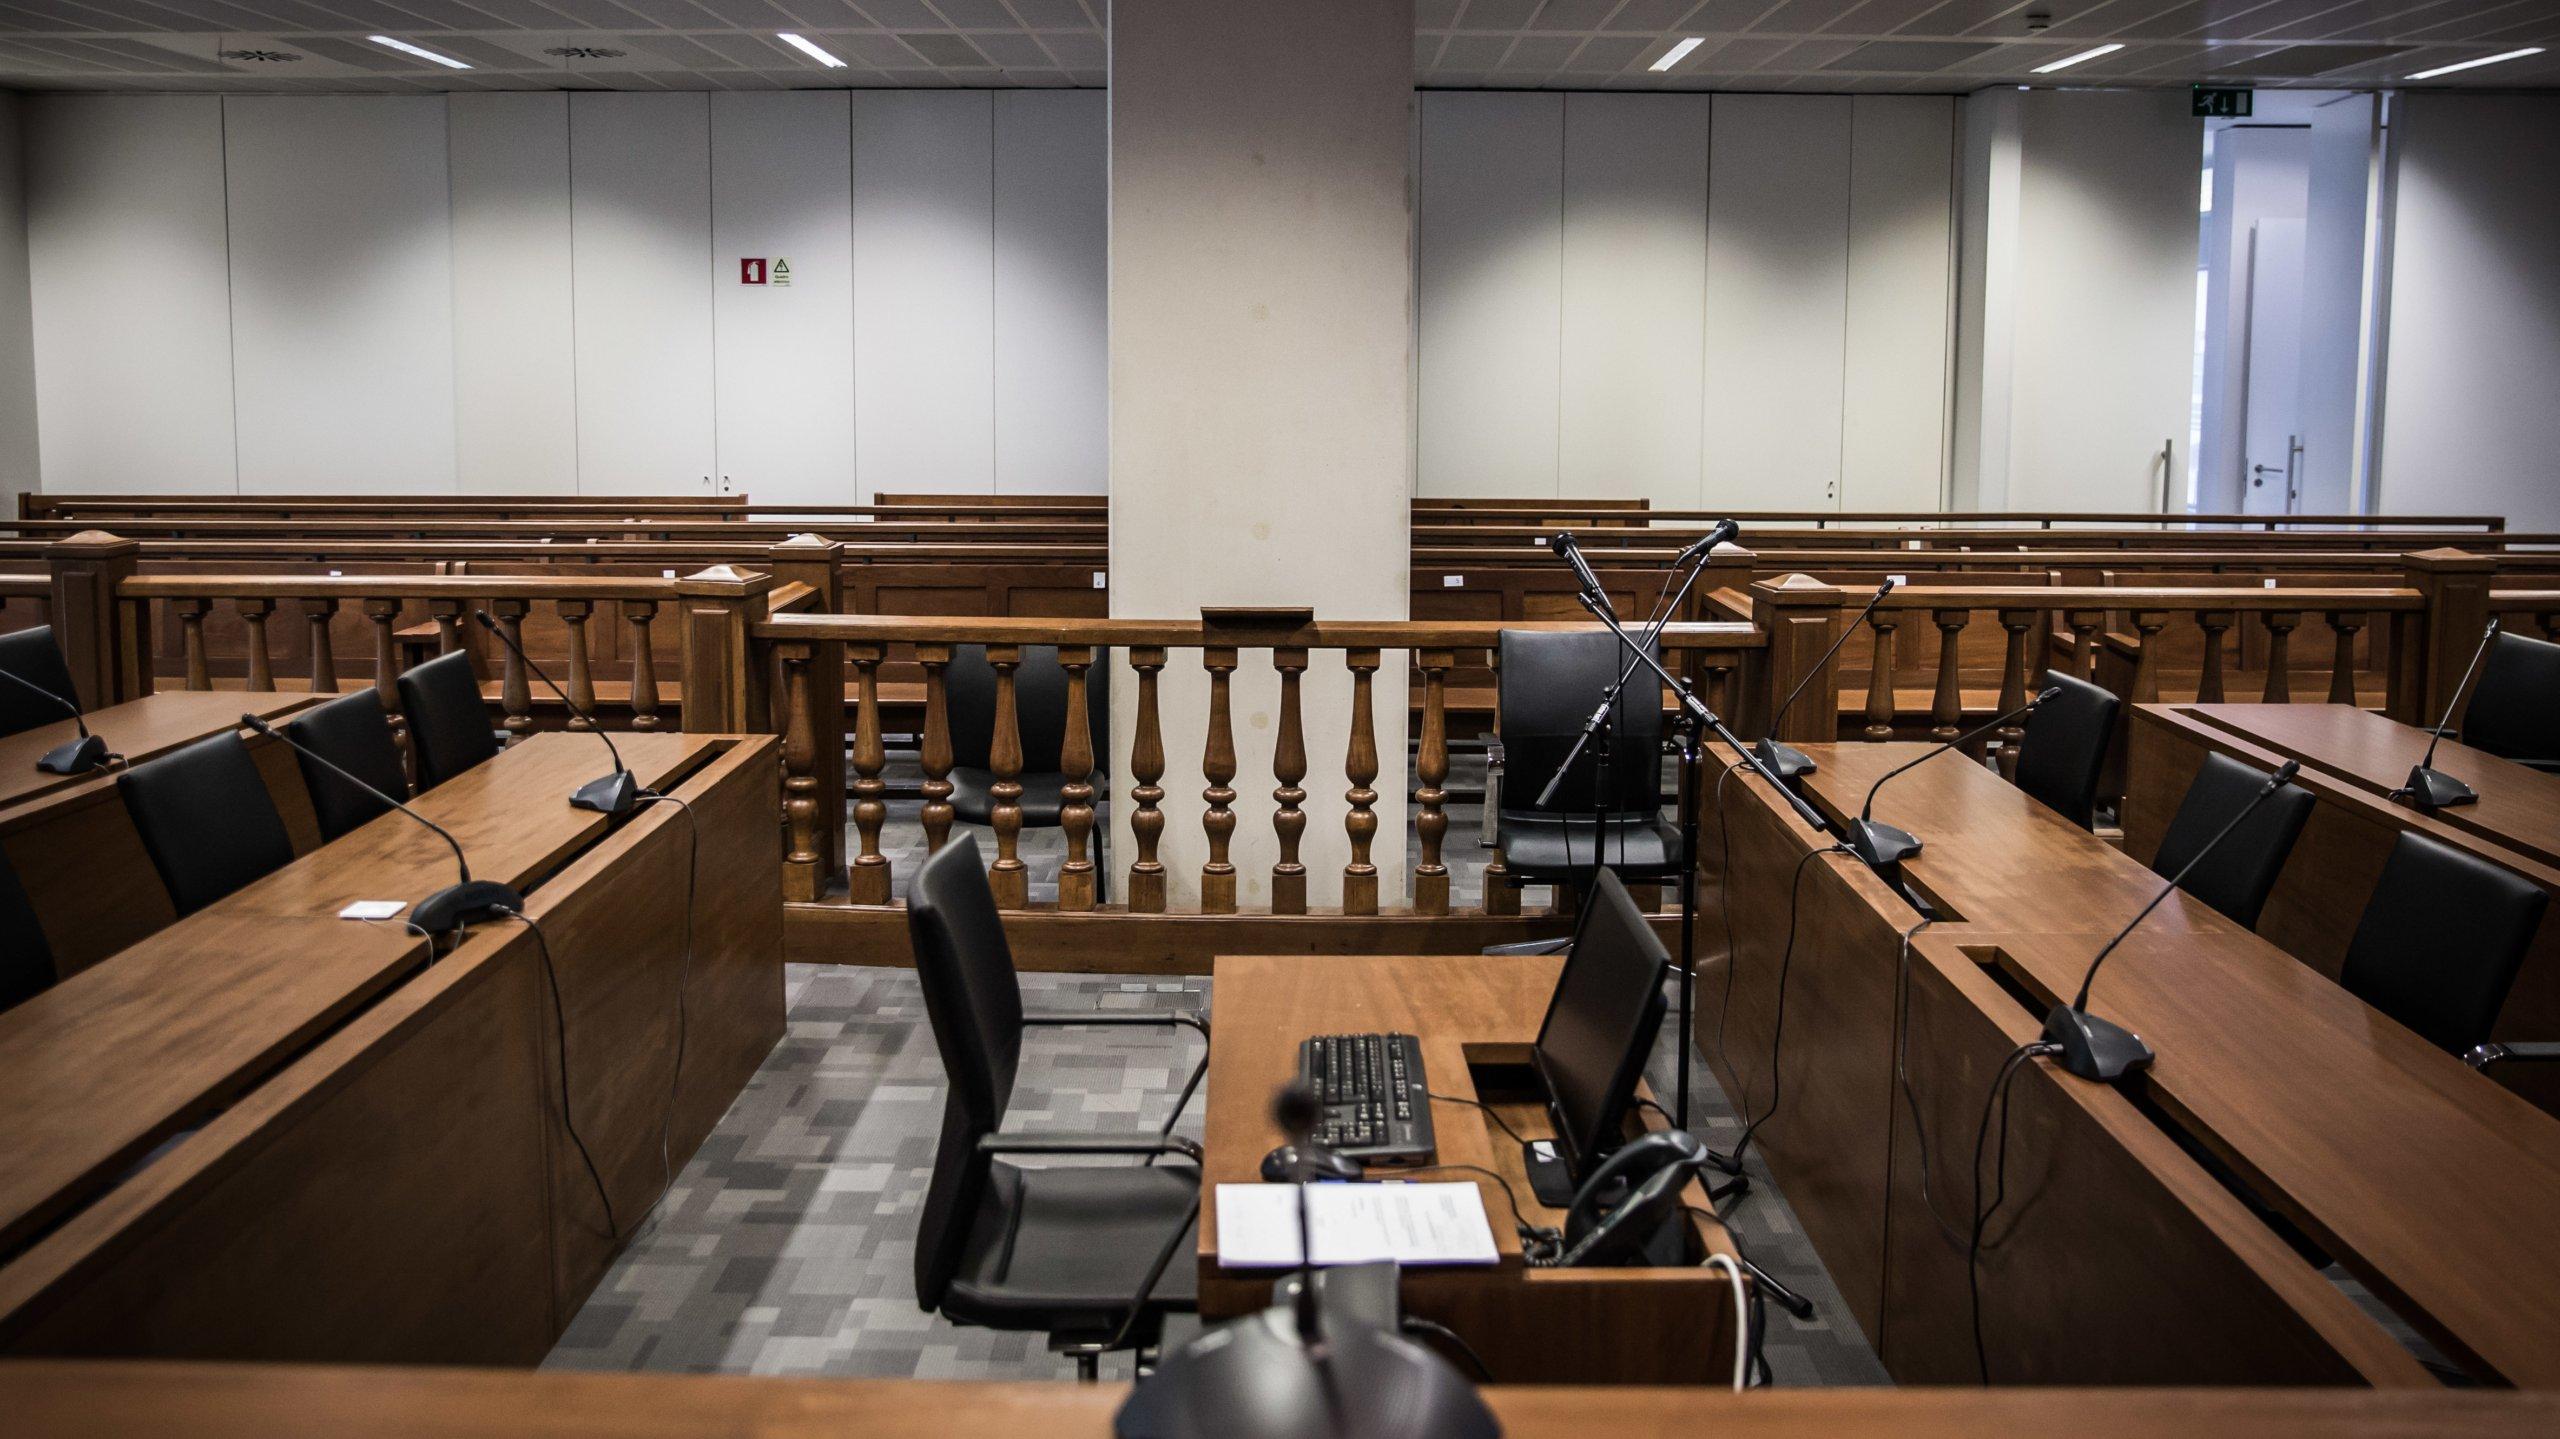 Maior sala de audiências e julgamento do Campus de Justiça em Lisboa. Nesta sala são julgados os casos da Operação Marquês, que envolvem o ex-primeiro ministro, José Sócrates, e o caso do hacker Rui Pinto, acusado por 90 crimes.